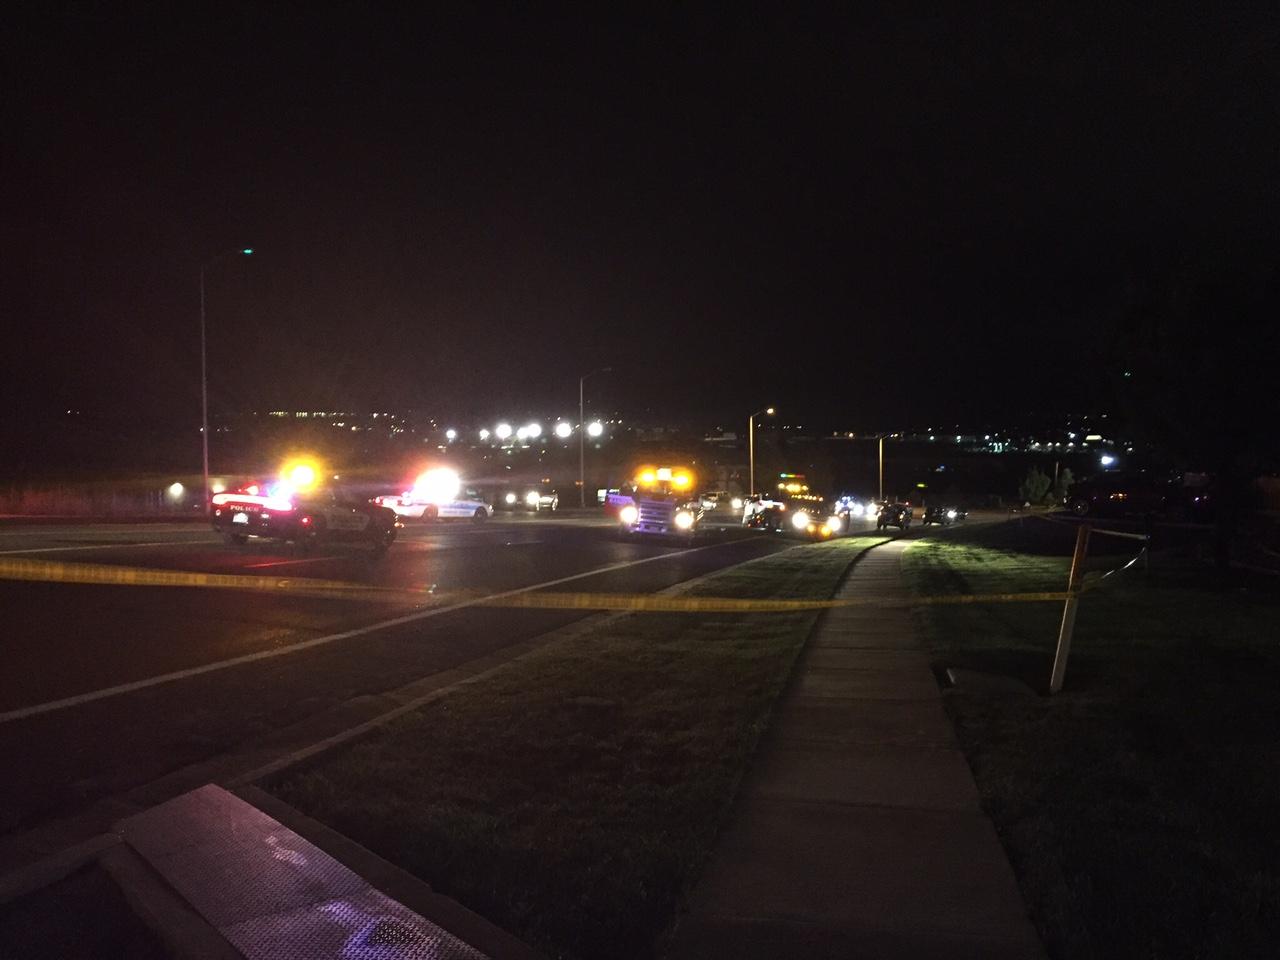 8th street car crash_187183